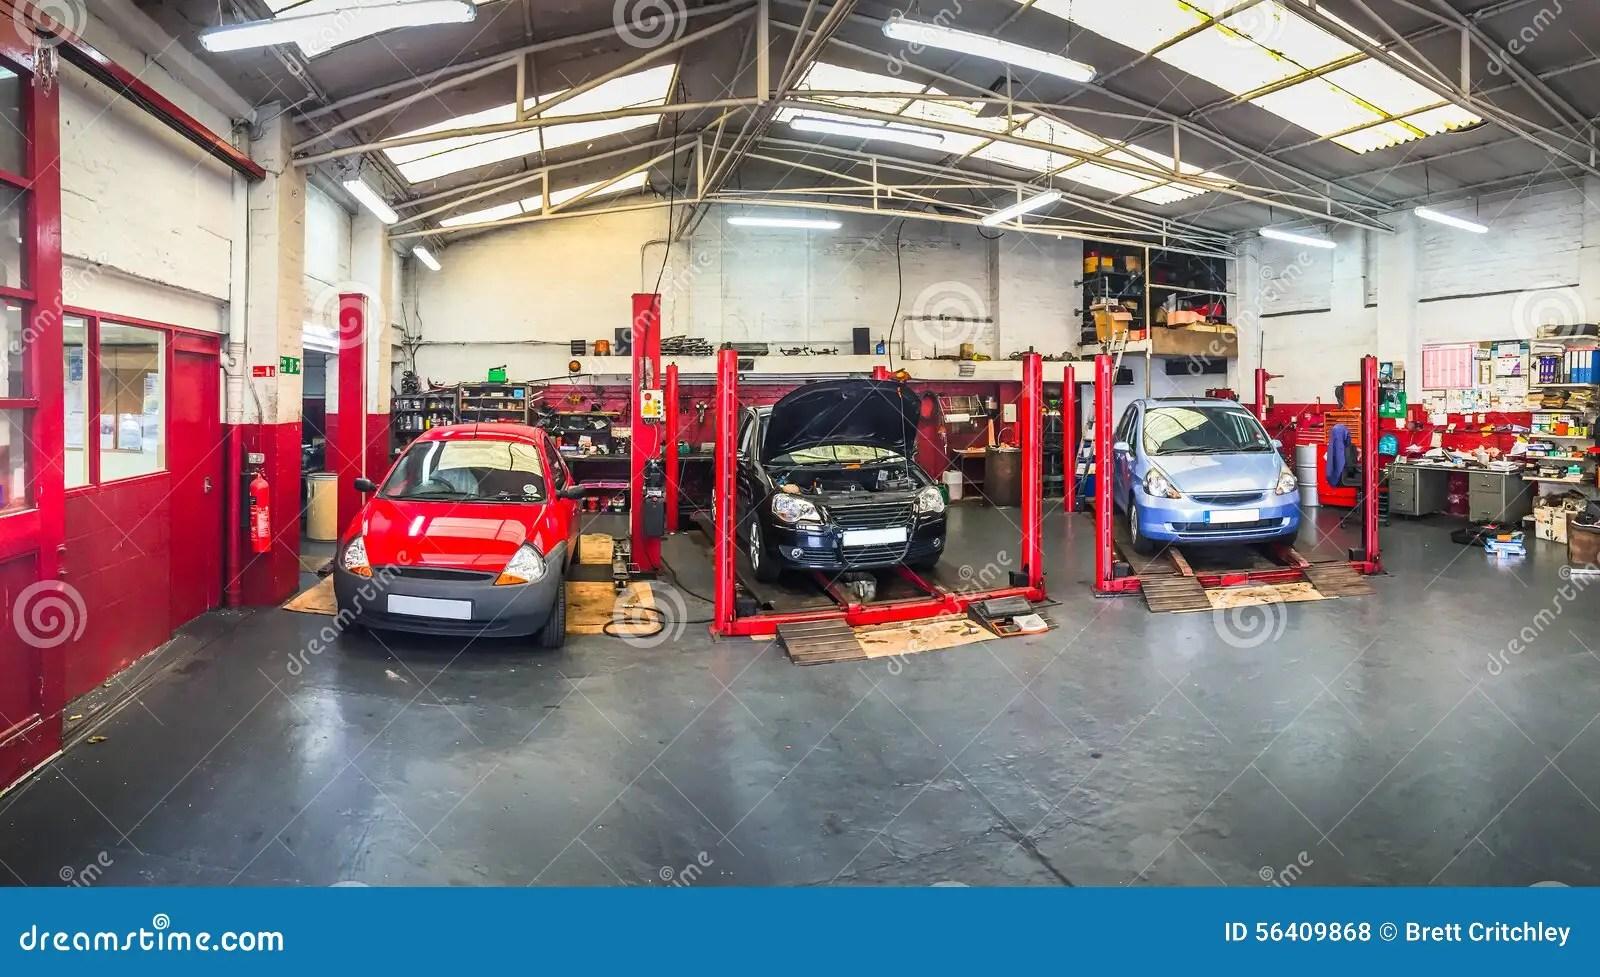 Automotive Car Repair Shop Stock Photo  Image 56409868